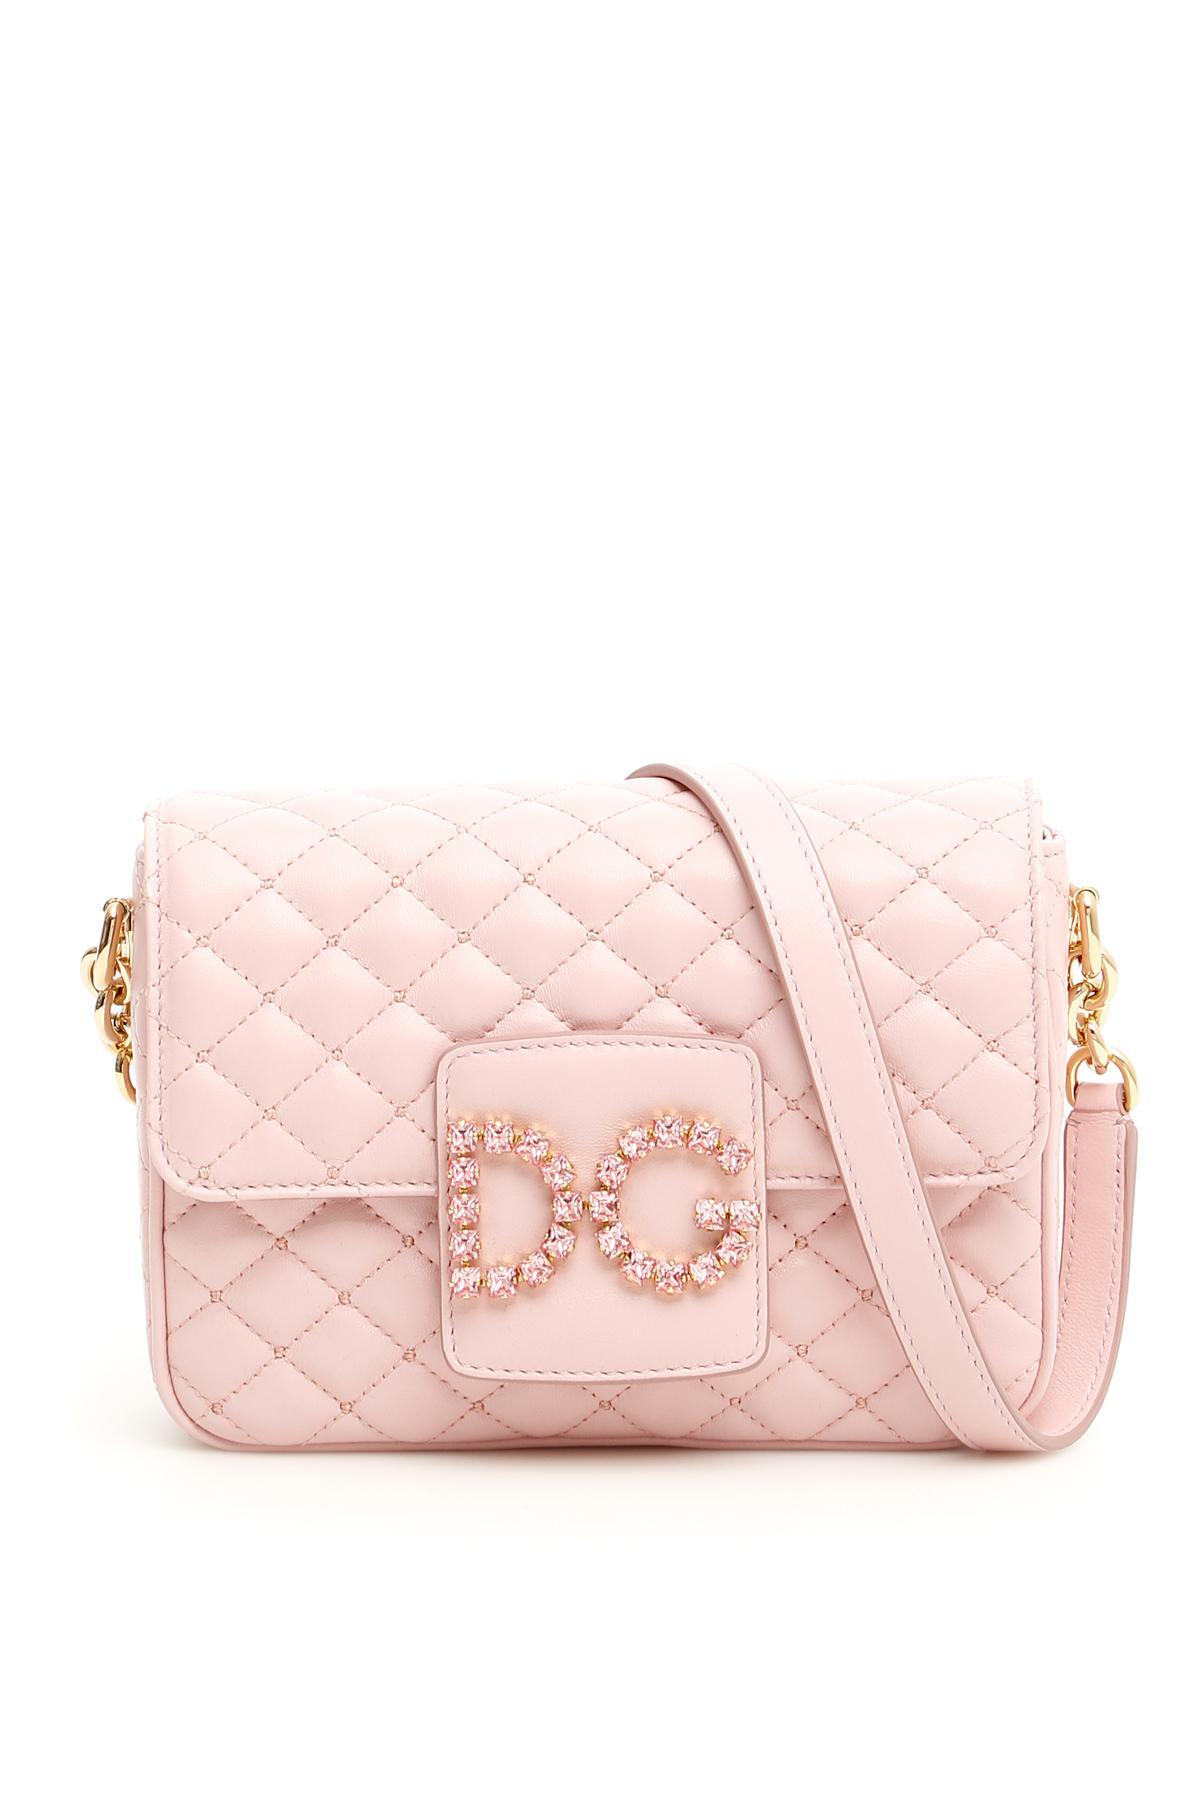 7bd574aff9 Lyst - Dolce   Gabbana Matelassé Dg Millennials Mini Bag in Pink